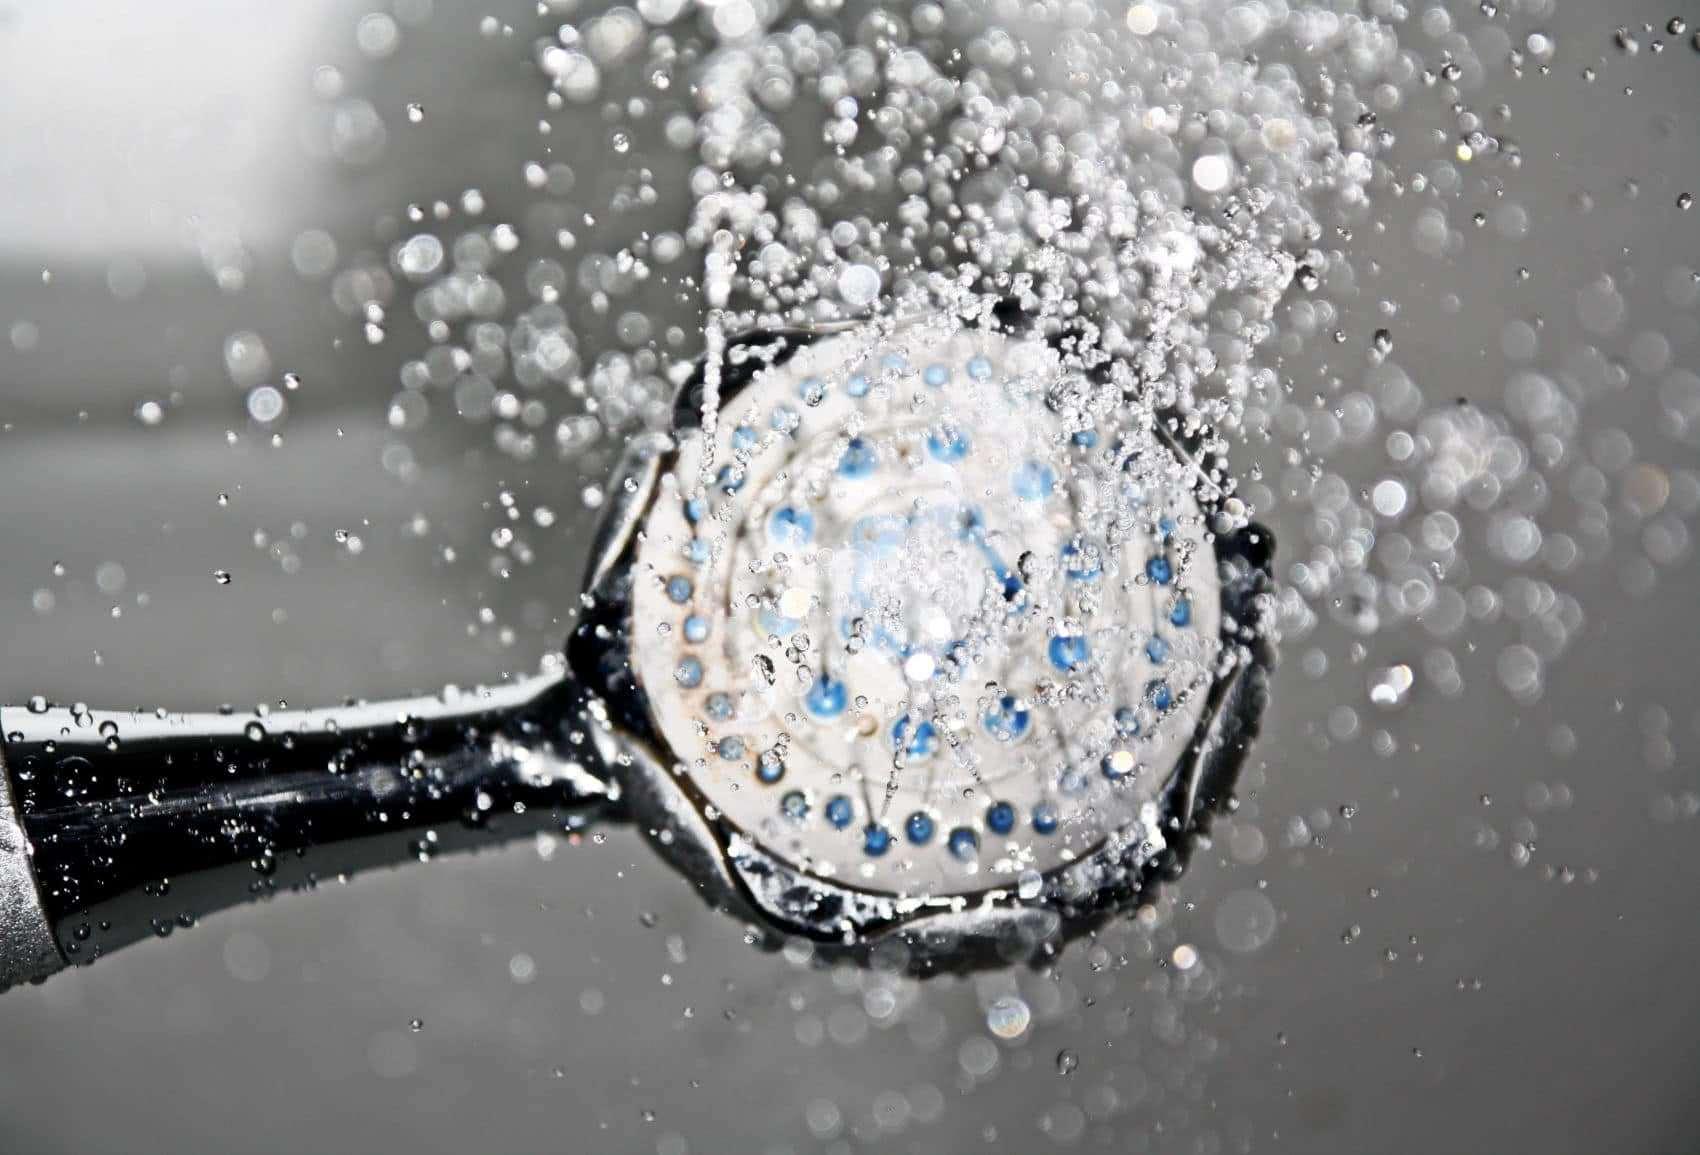 Astuces pour baisser votre consommation d'eau